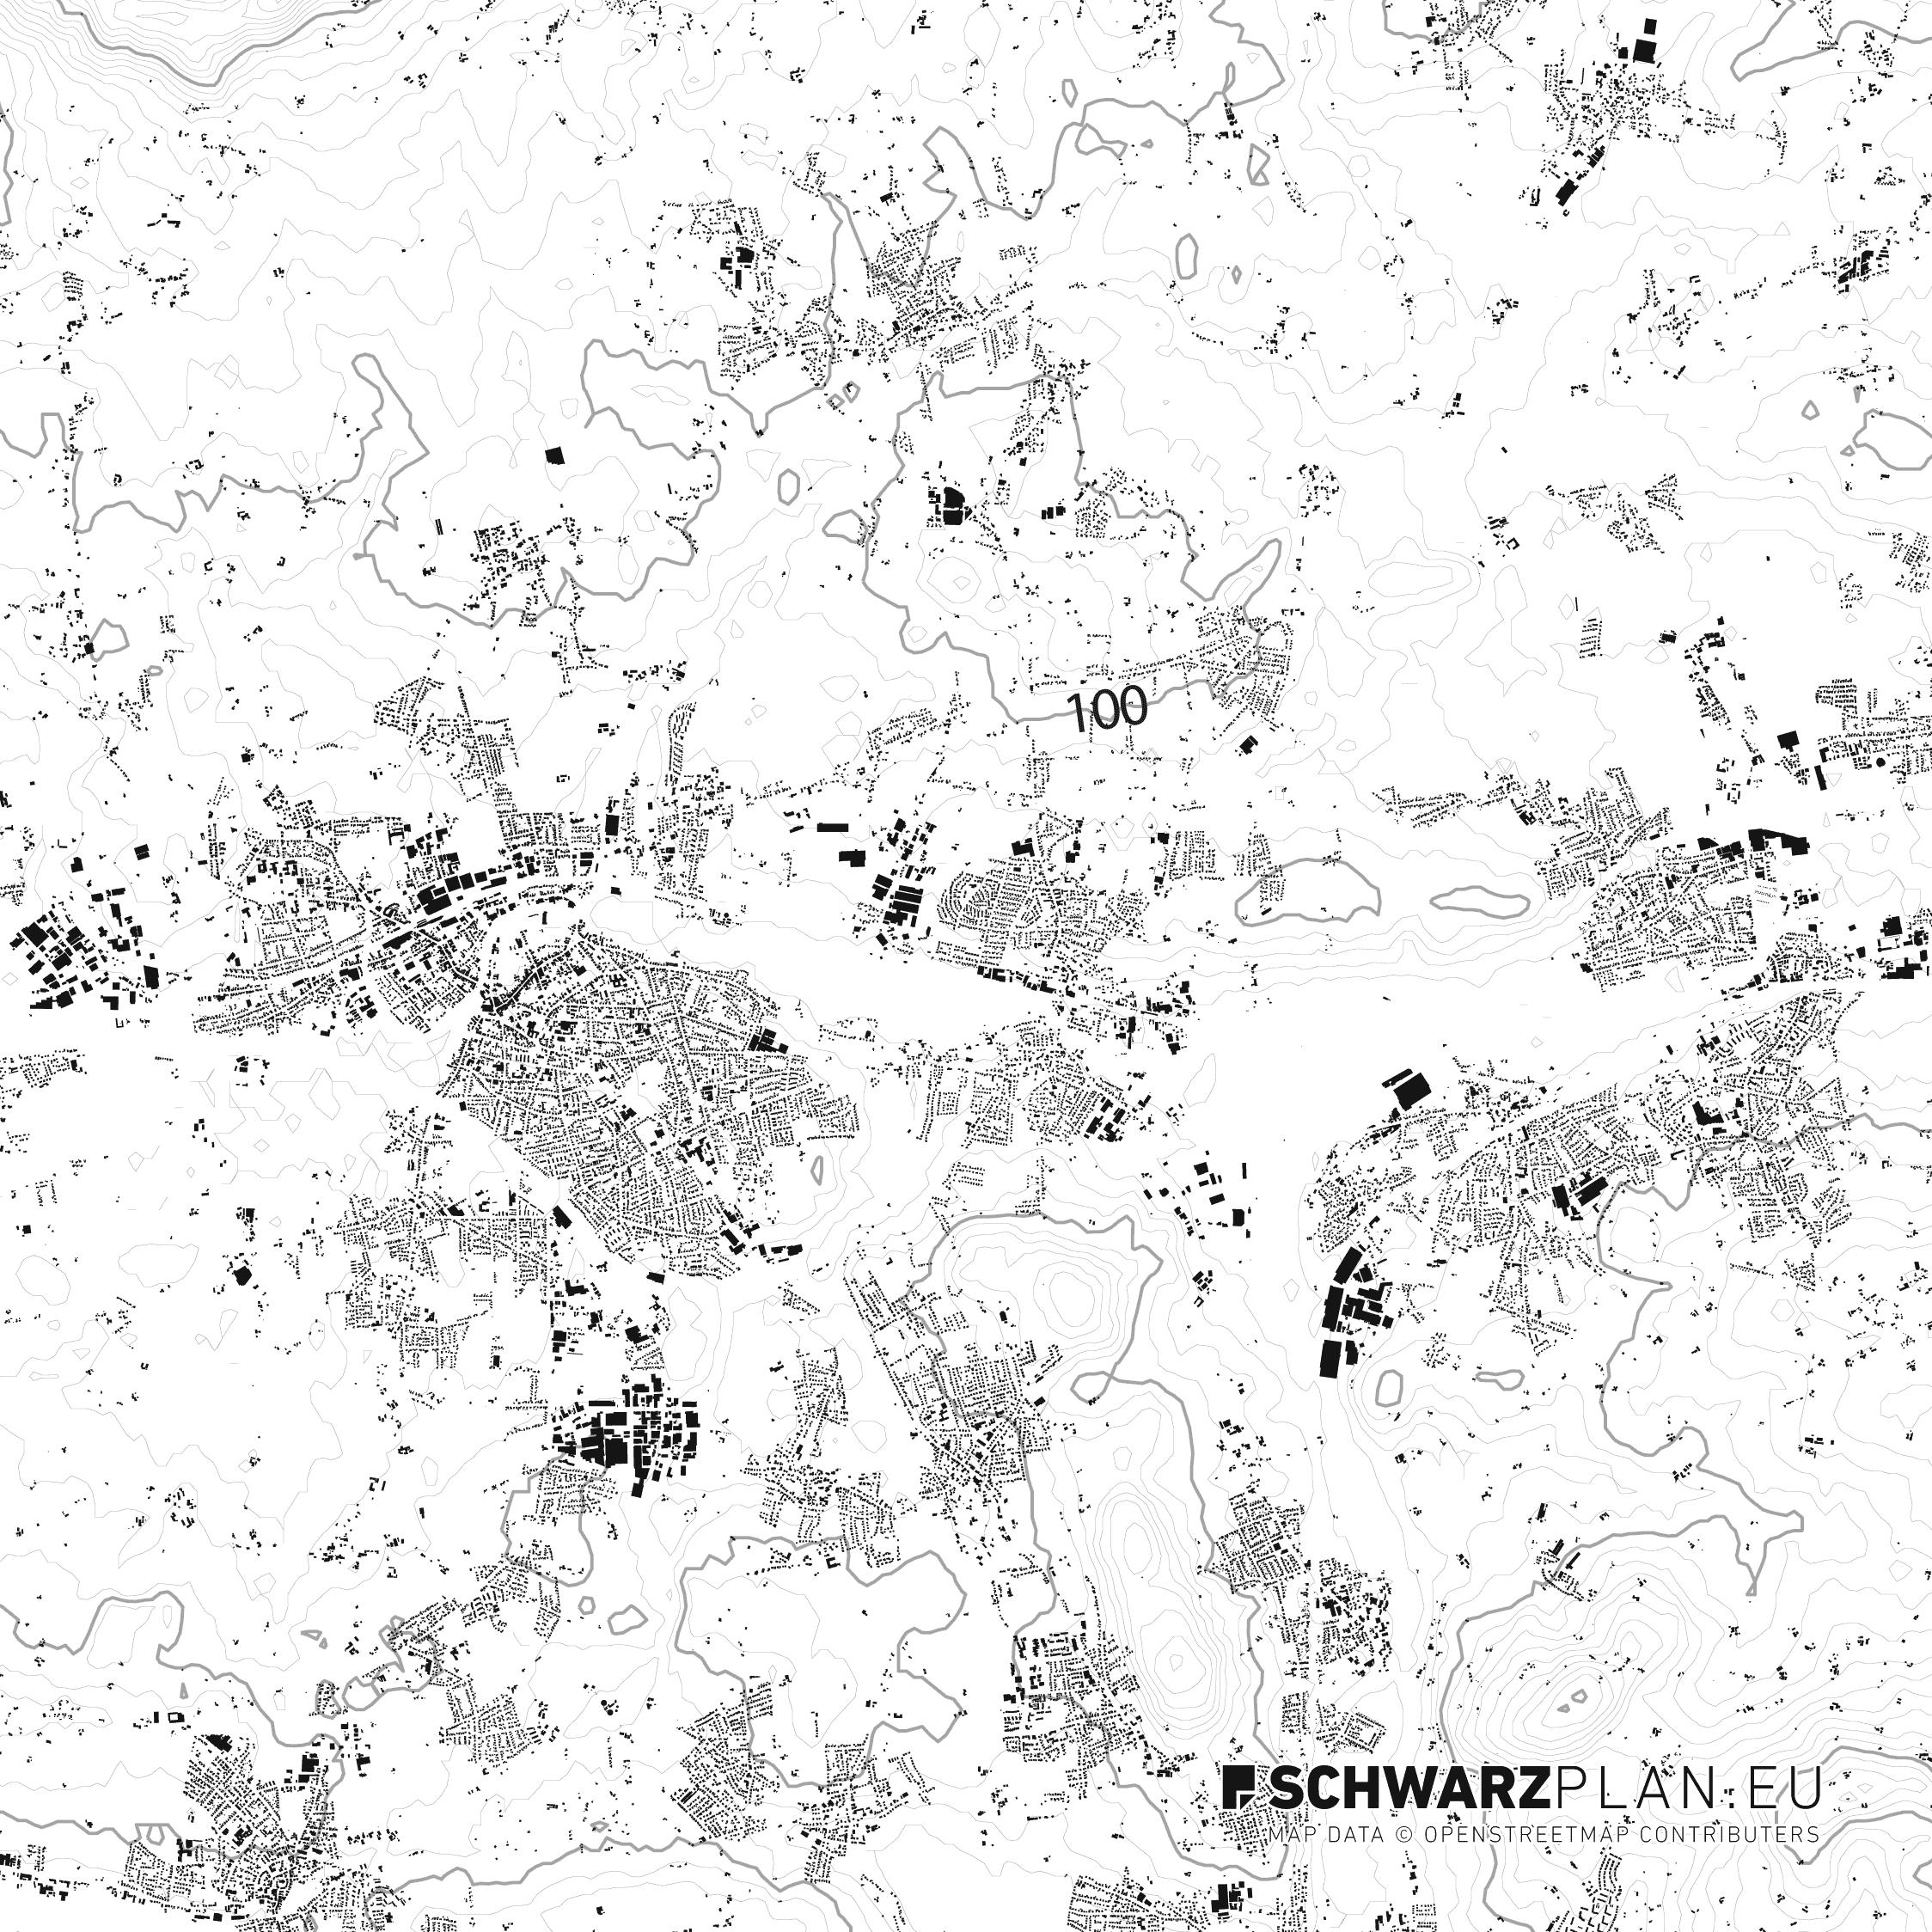 Schwarzplan von Bünde, Kirchlengern und Löhne